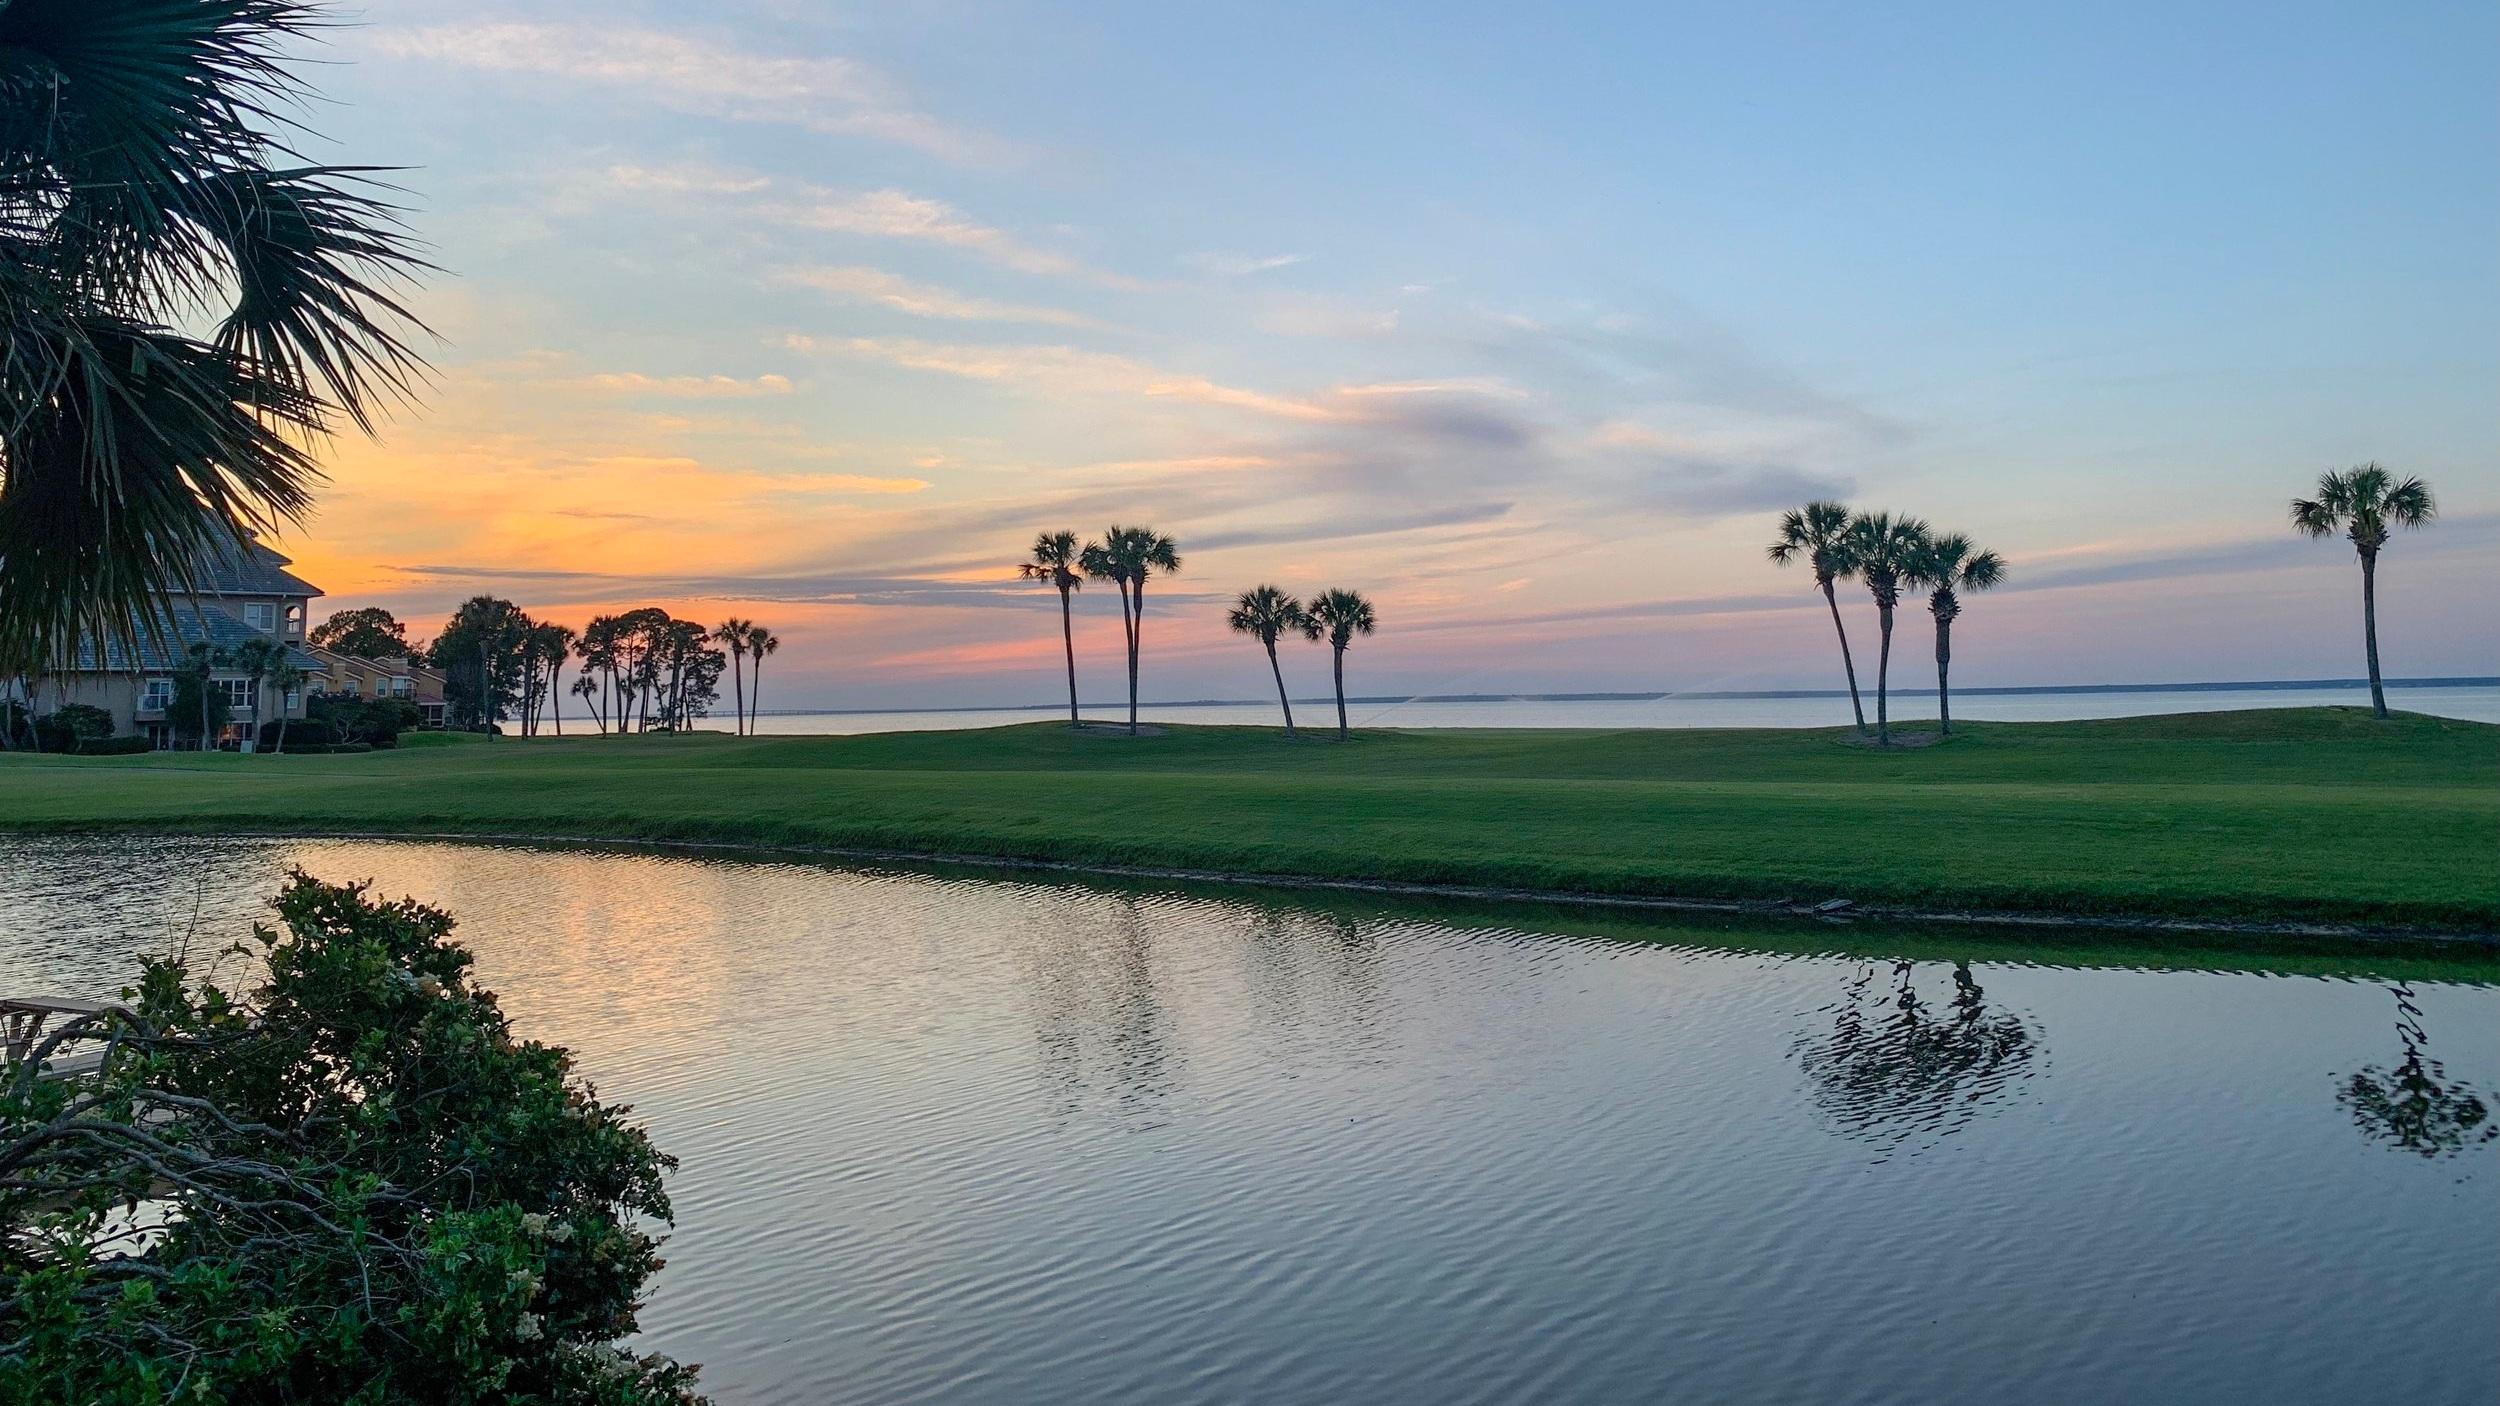 Över 1 500 golfbanor i Florida   Delstaten Florida är ett riktigt golf-mecka med över 1 500 golfbanor runtomkring i delstaten. Tre av dem ligger i just Fort Lauderdale och samtliga håller riktigt bra kvalitet. Är du golfspelare är den en självklarhet att spendera några dagar på Fort Lauderdale Country Club, Coral Ridge Country Club eller Golftec Fort Lauderdale.